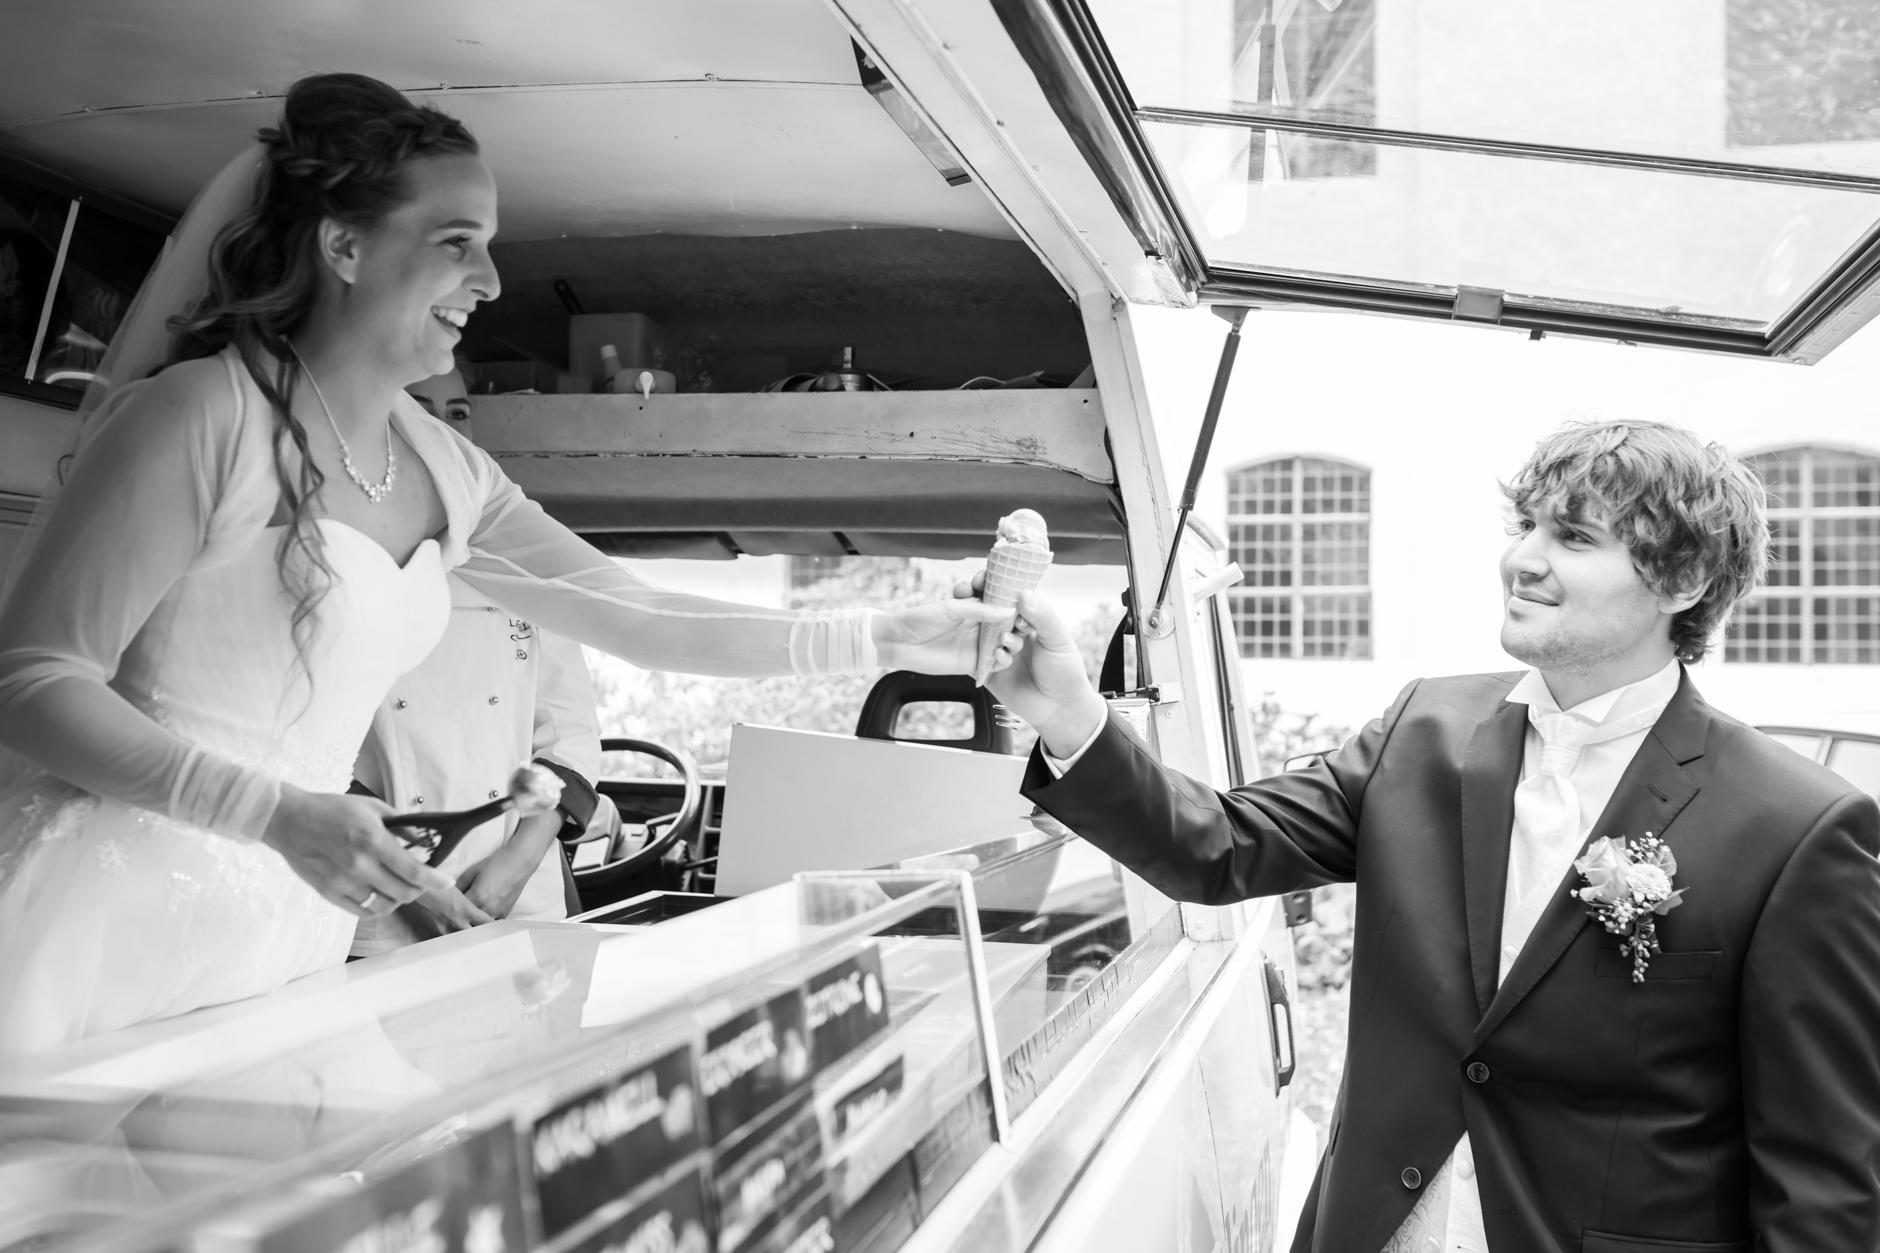 der eigene Eiswagen, gerade ein kleiner Trend bei Hochzeiten